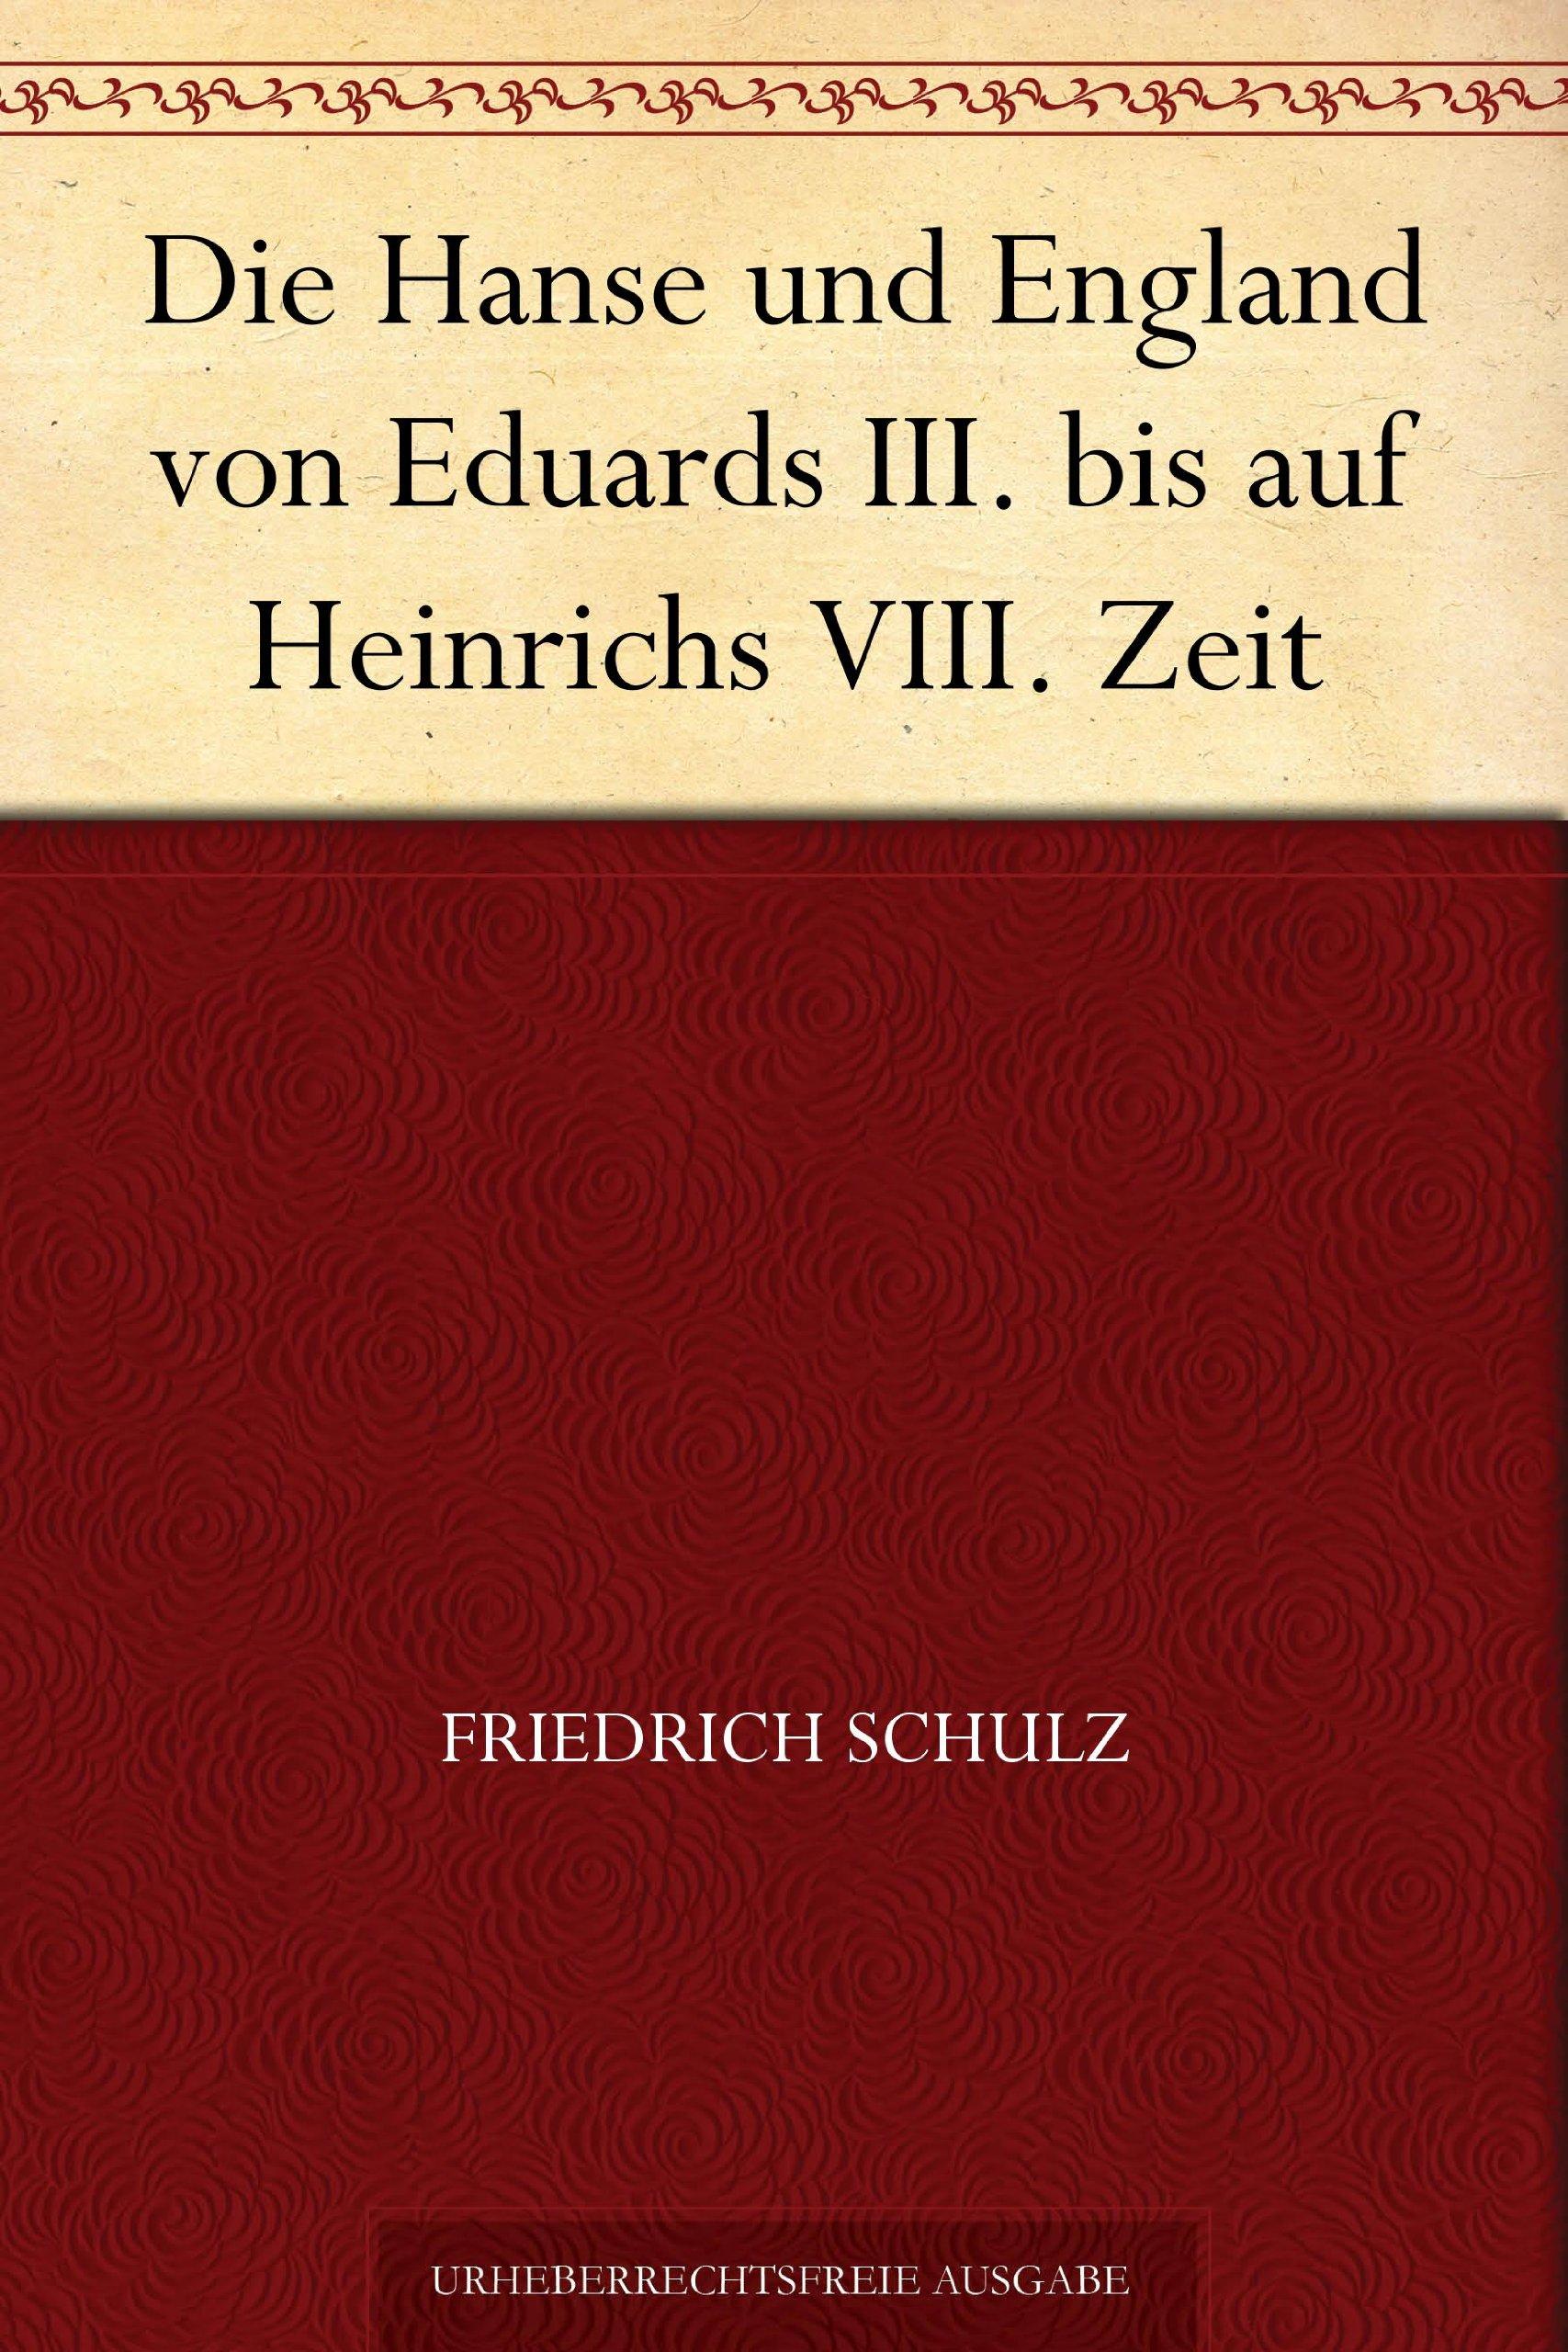 Die Hanse und England von Eduards III. bis auf Heinrichs VIII. Zeit (German Edition)